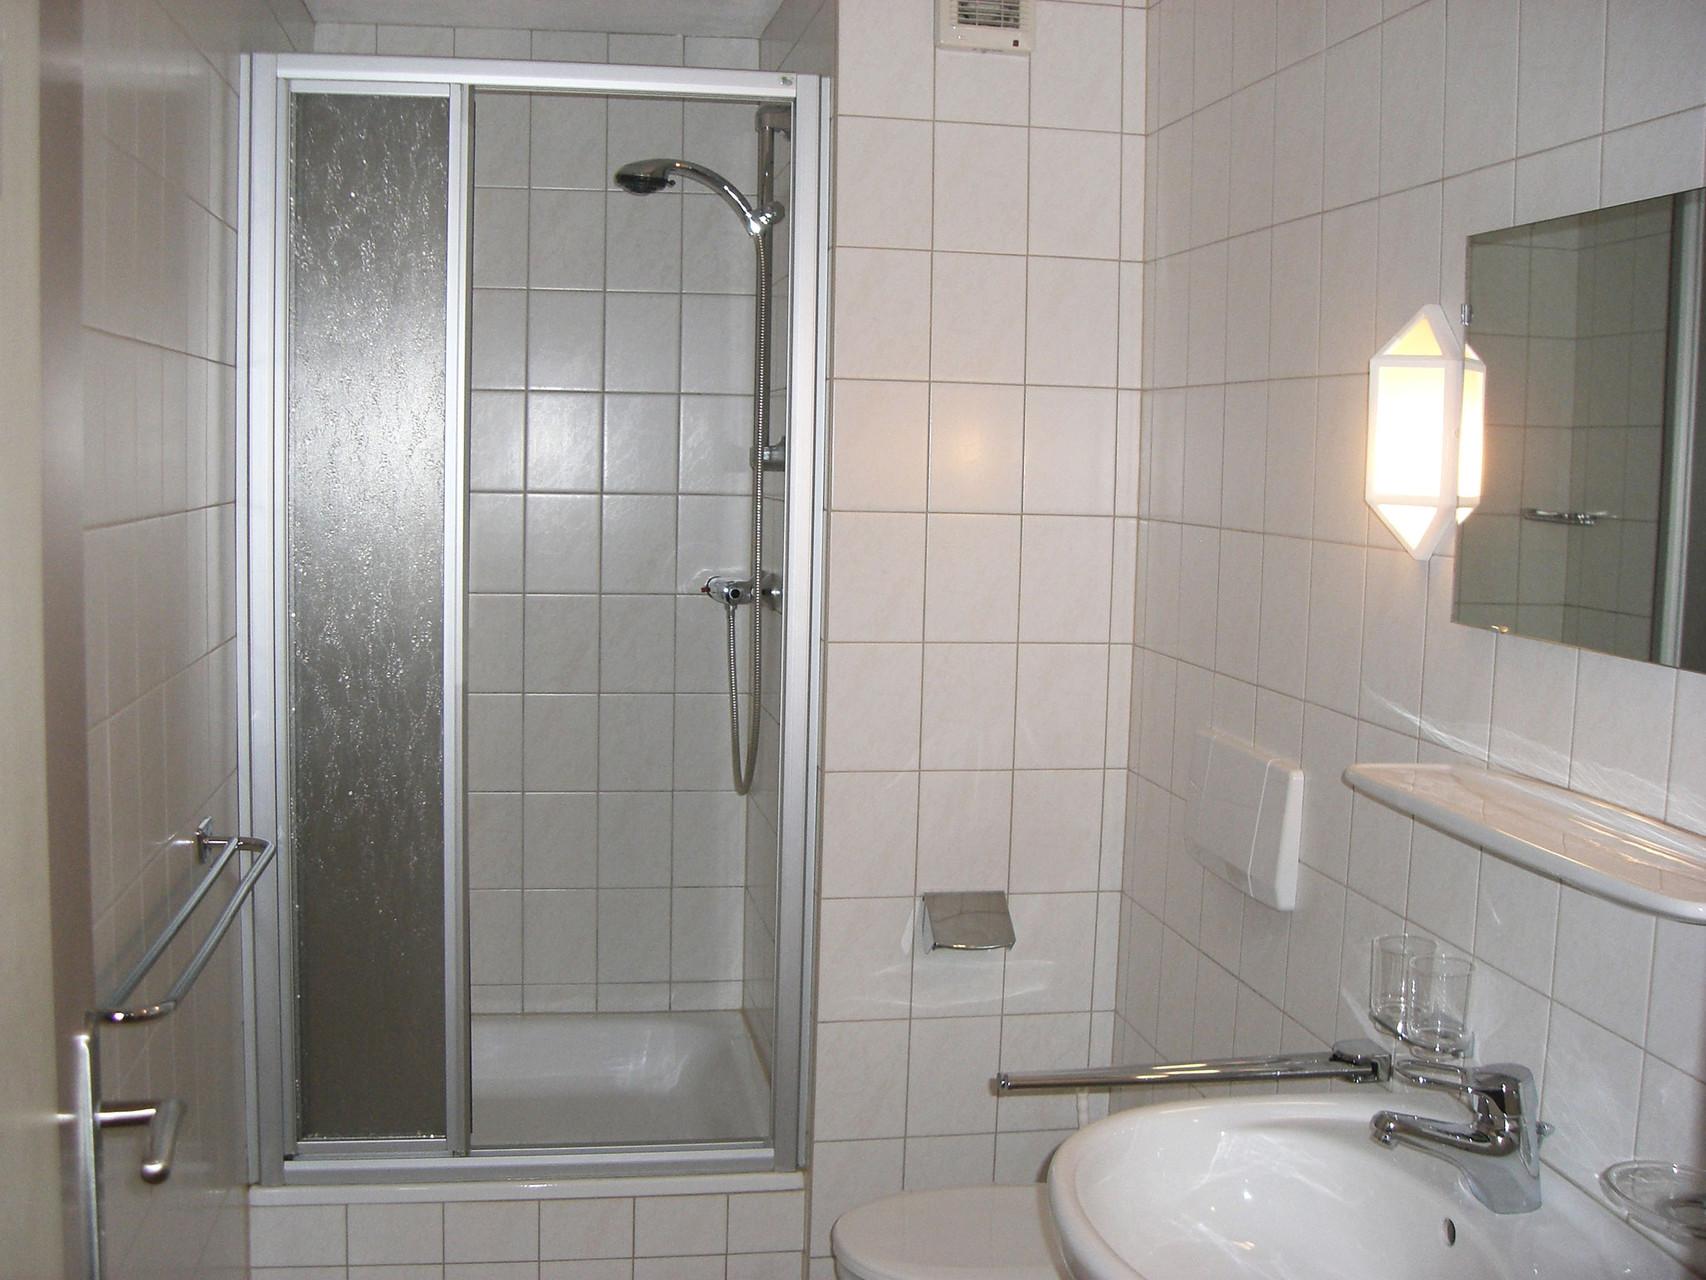 Bad mit Duche und WC